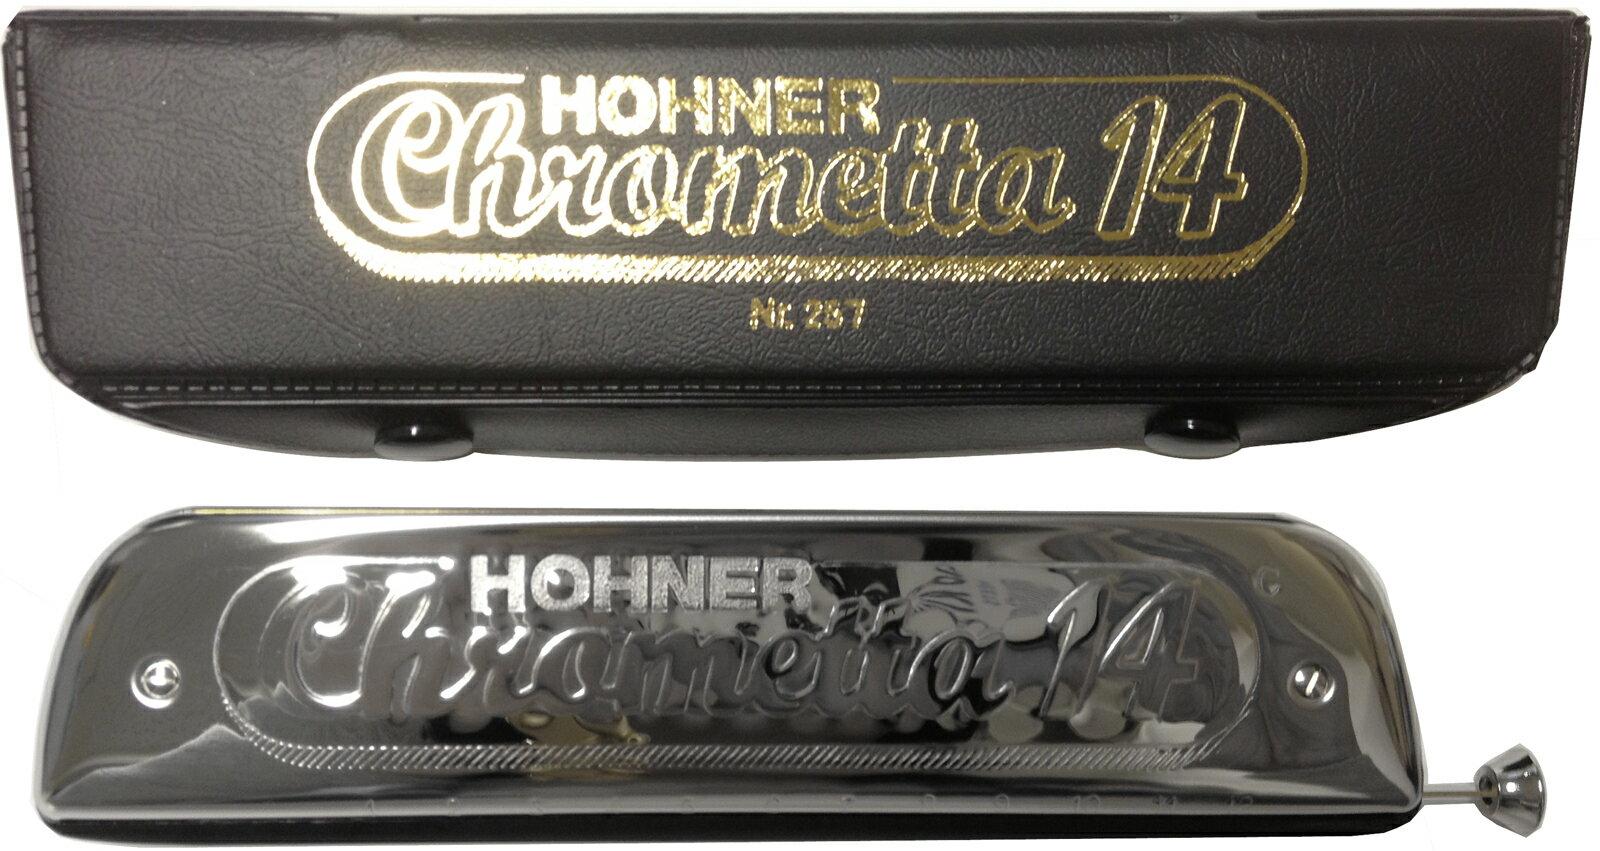 14穴 クロマチックハーモニカ 257/56 クロメッタ14 ホーナー ハーモニカ C調 3オクターブ半 吹きやすい 初心者 おすすめ リード 楽器 HOHNER Chrometta-14 Chromatic Harmonica